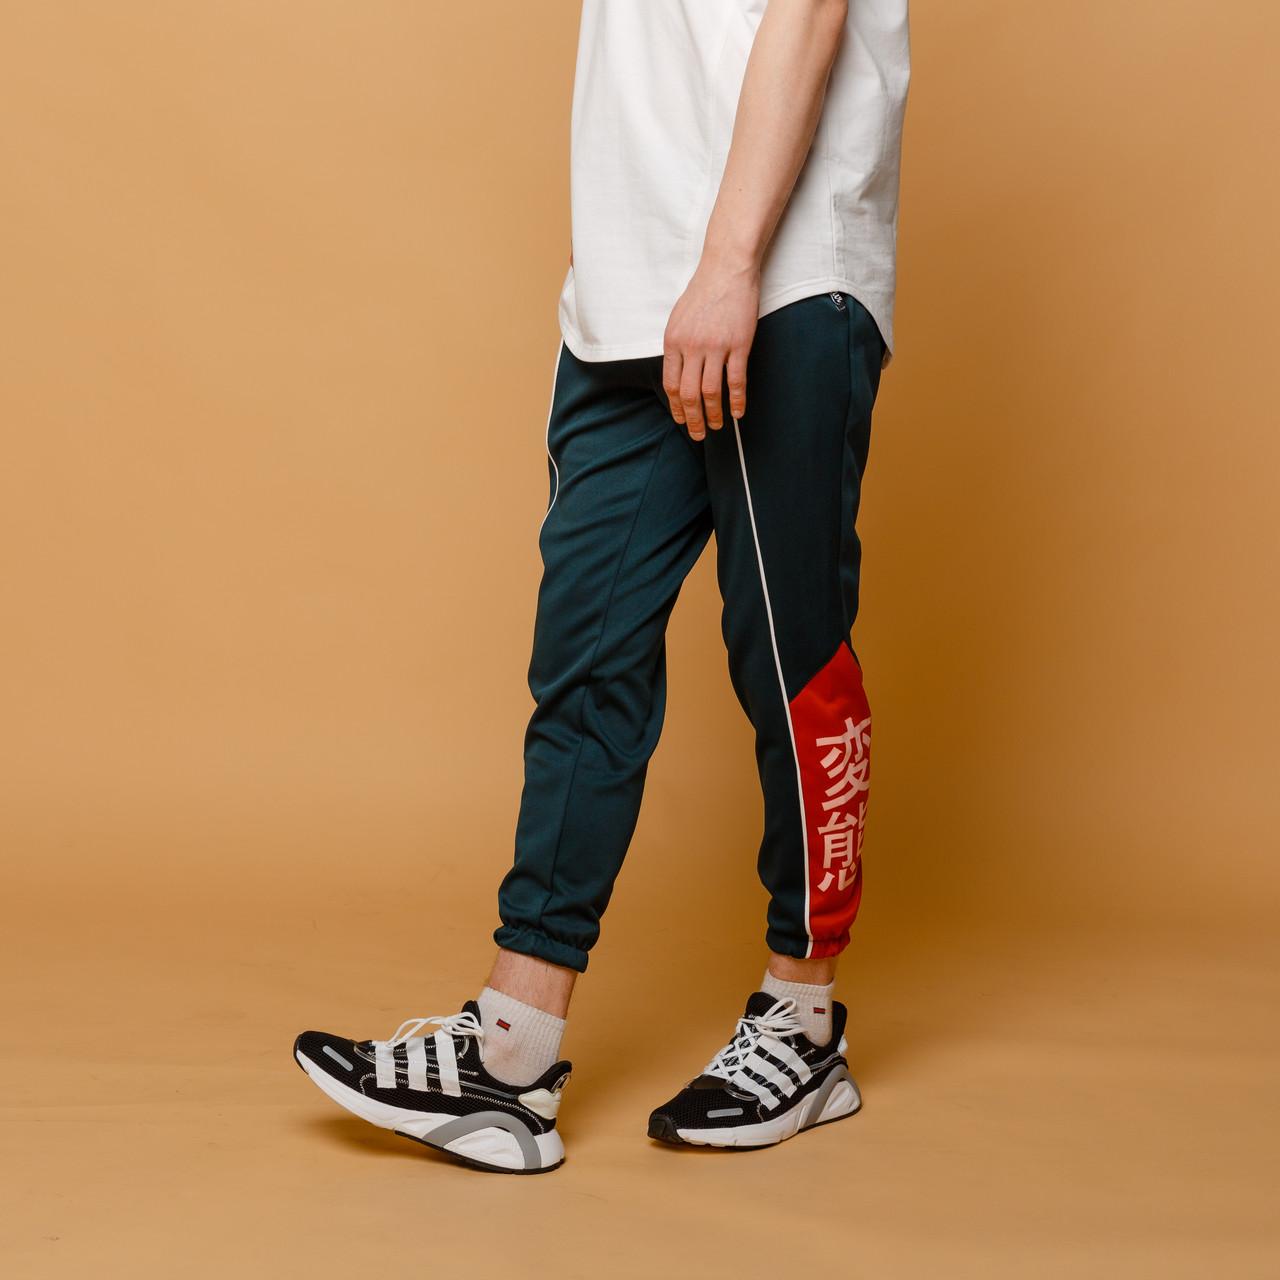 Спортивные штаны мужские темно-зеленые с принтом Иероглиф от бренда ТУР модель Крид (Creed) размер XS,S,M,L,XL